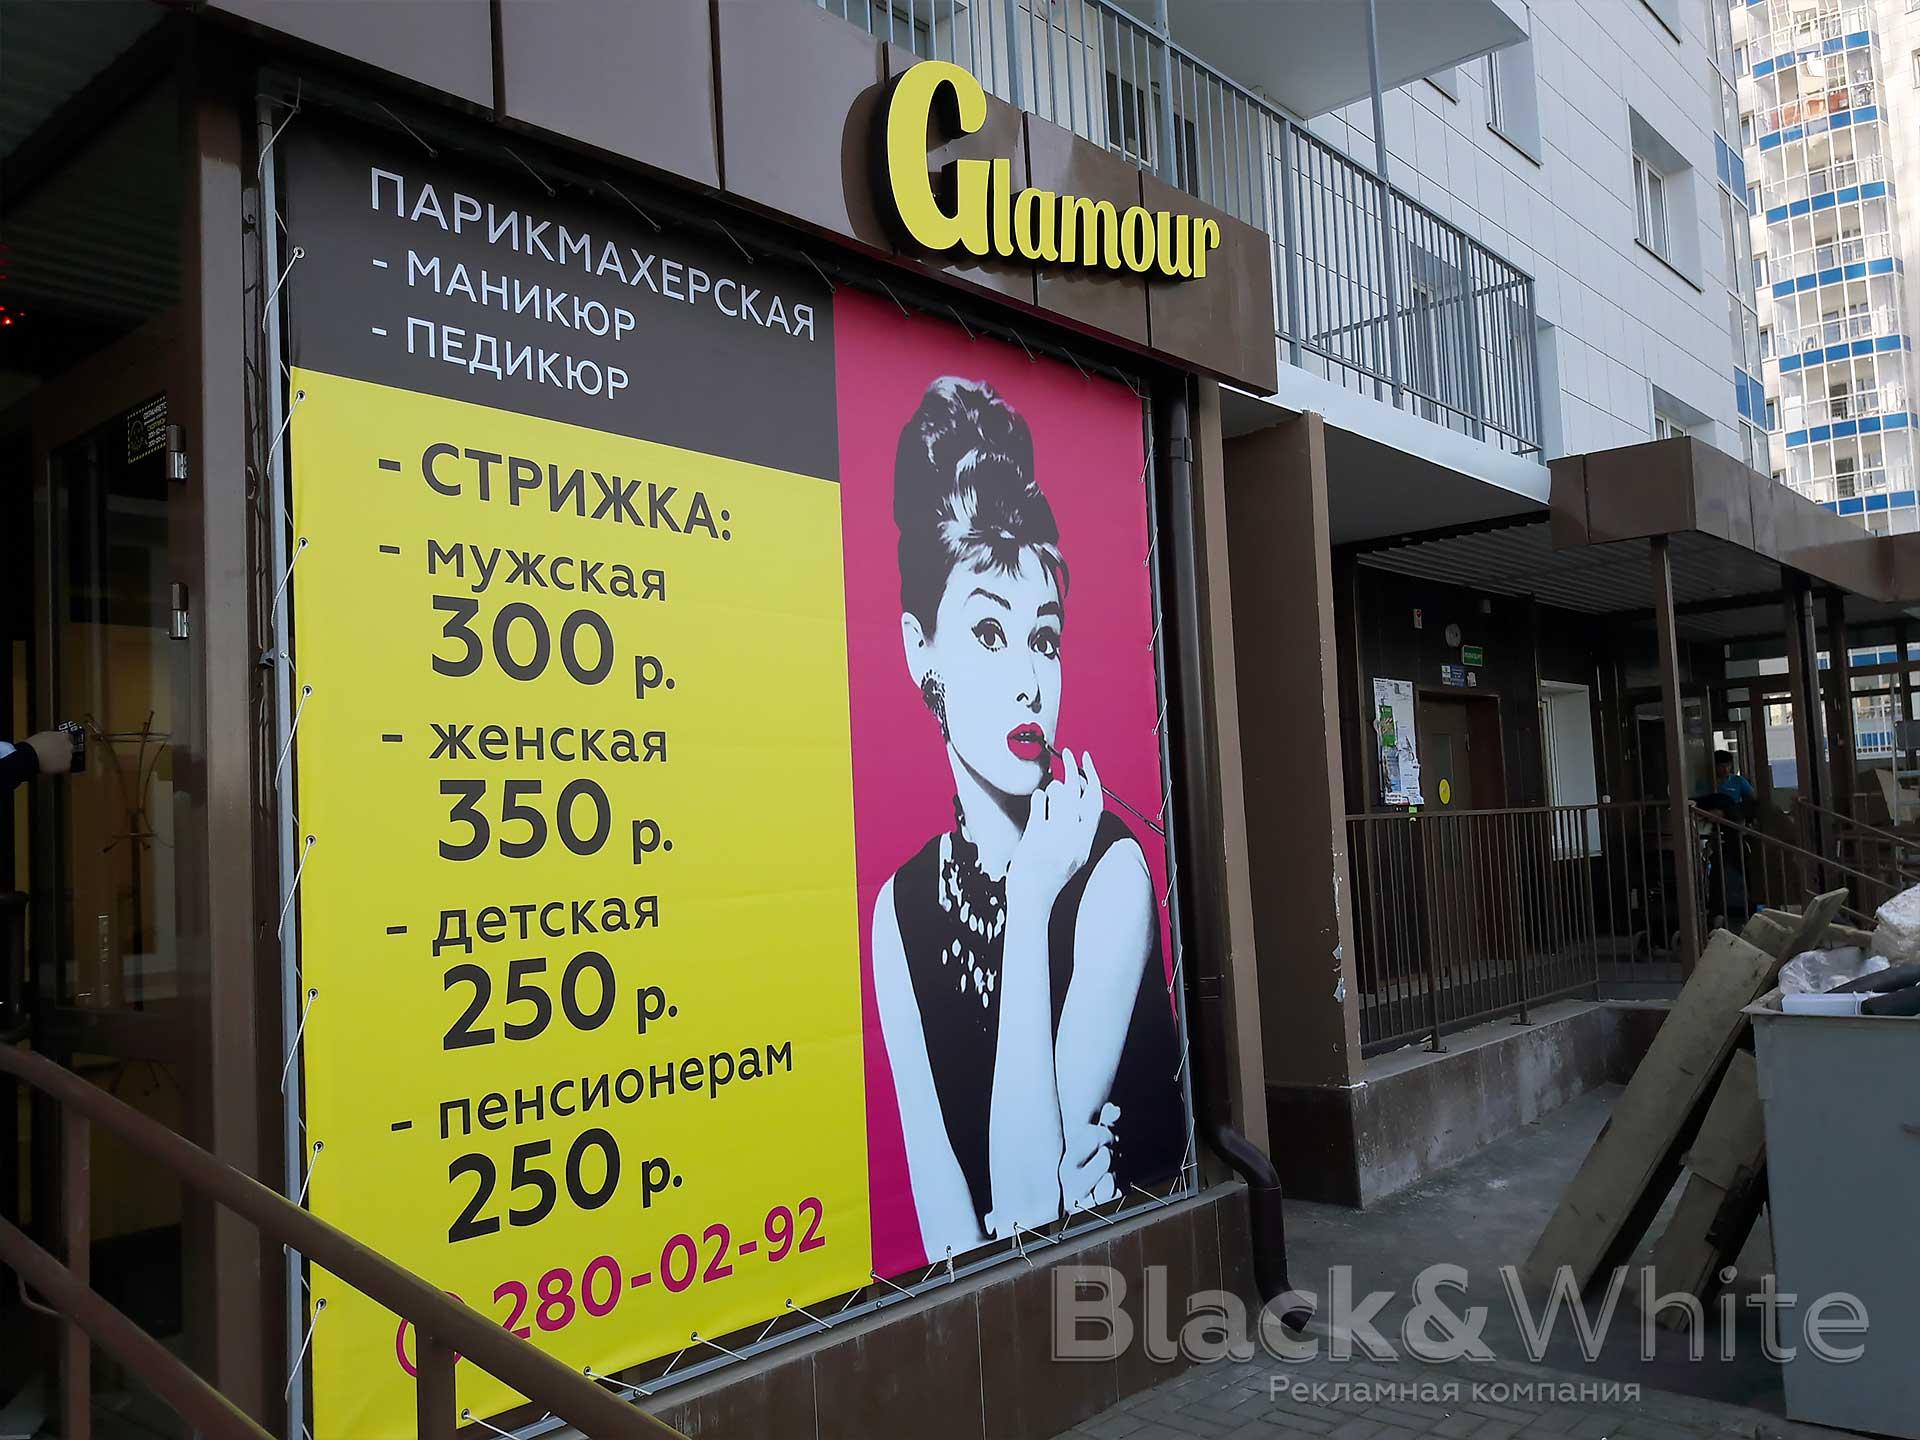 Вывеска-для-парикмахерской-на-заказ-в-Красноярске-объёмные-буквы.jpg